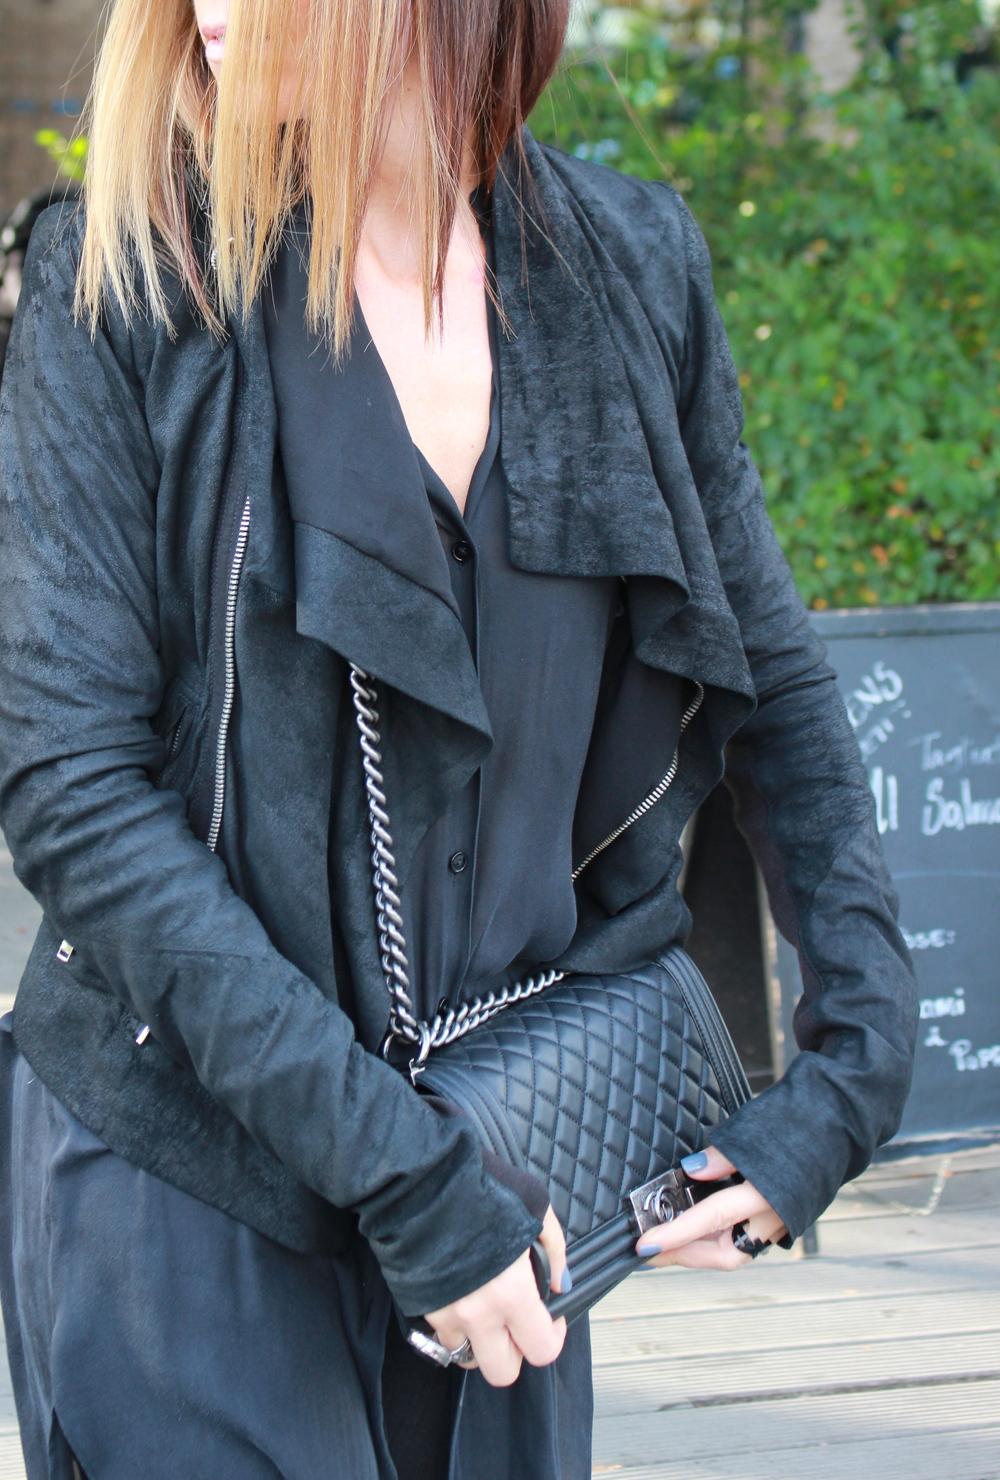 Rick Owens jakke, Chanel Boybag, Acne skjorte, YSL ring, Saint Laurent ring, Dior neglelakk Junon.